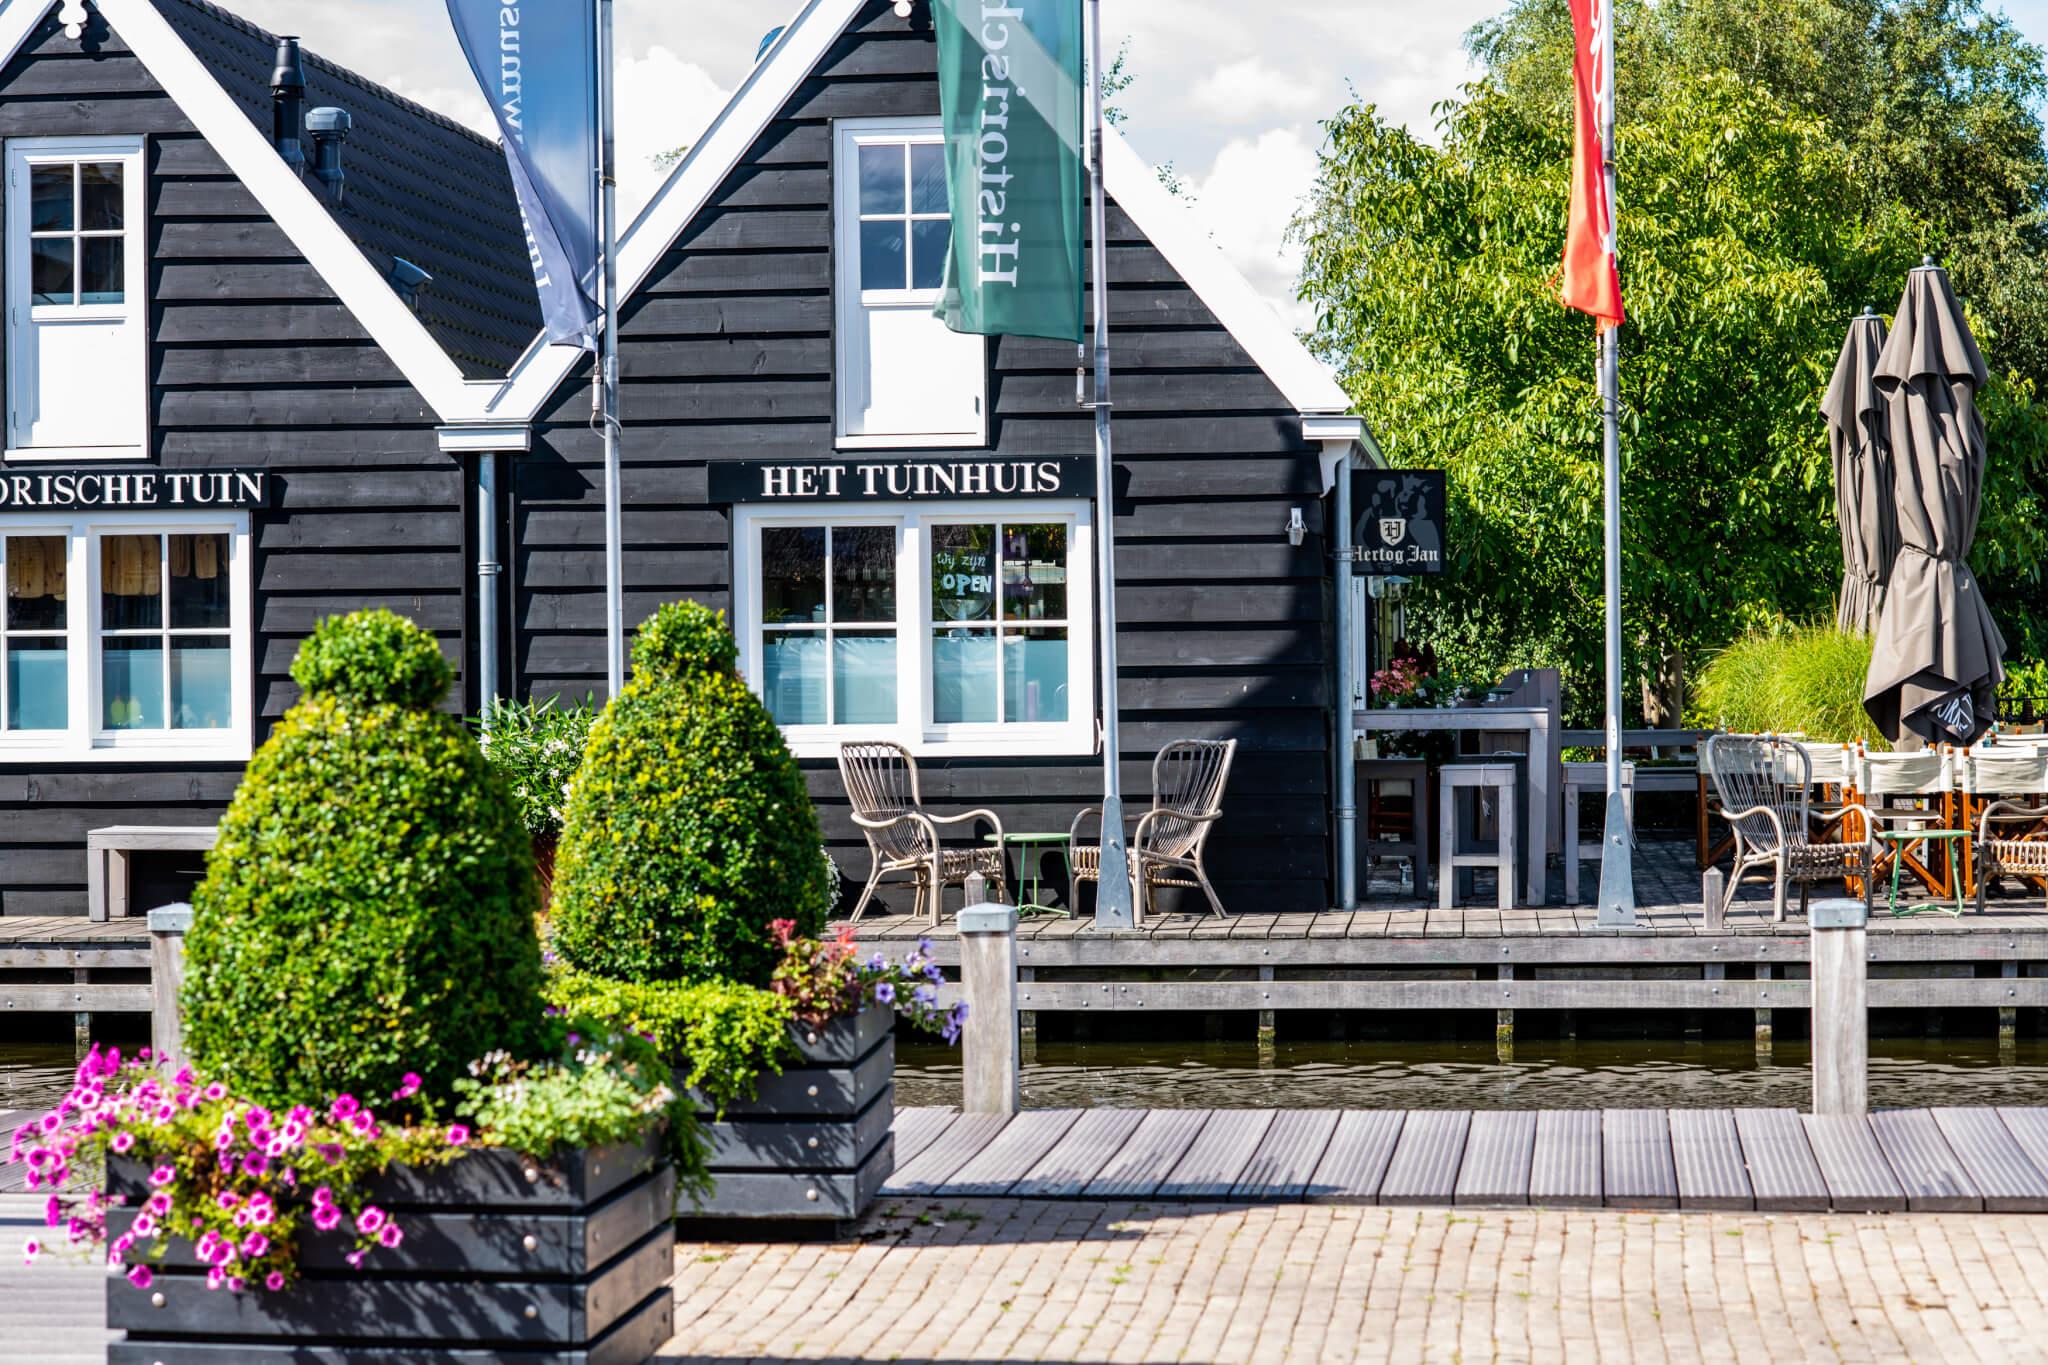 Tuinhuis Aalsmeer in Historical Garden